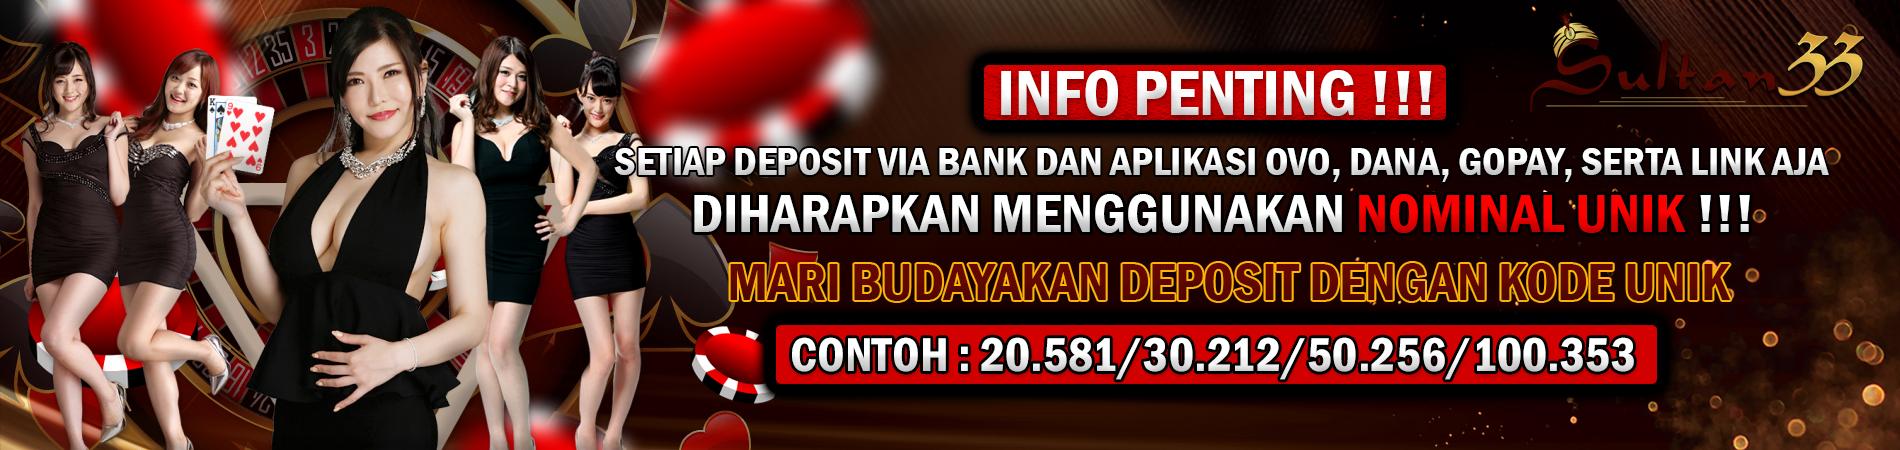 Info Sultan33